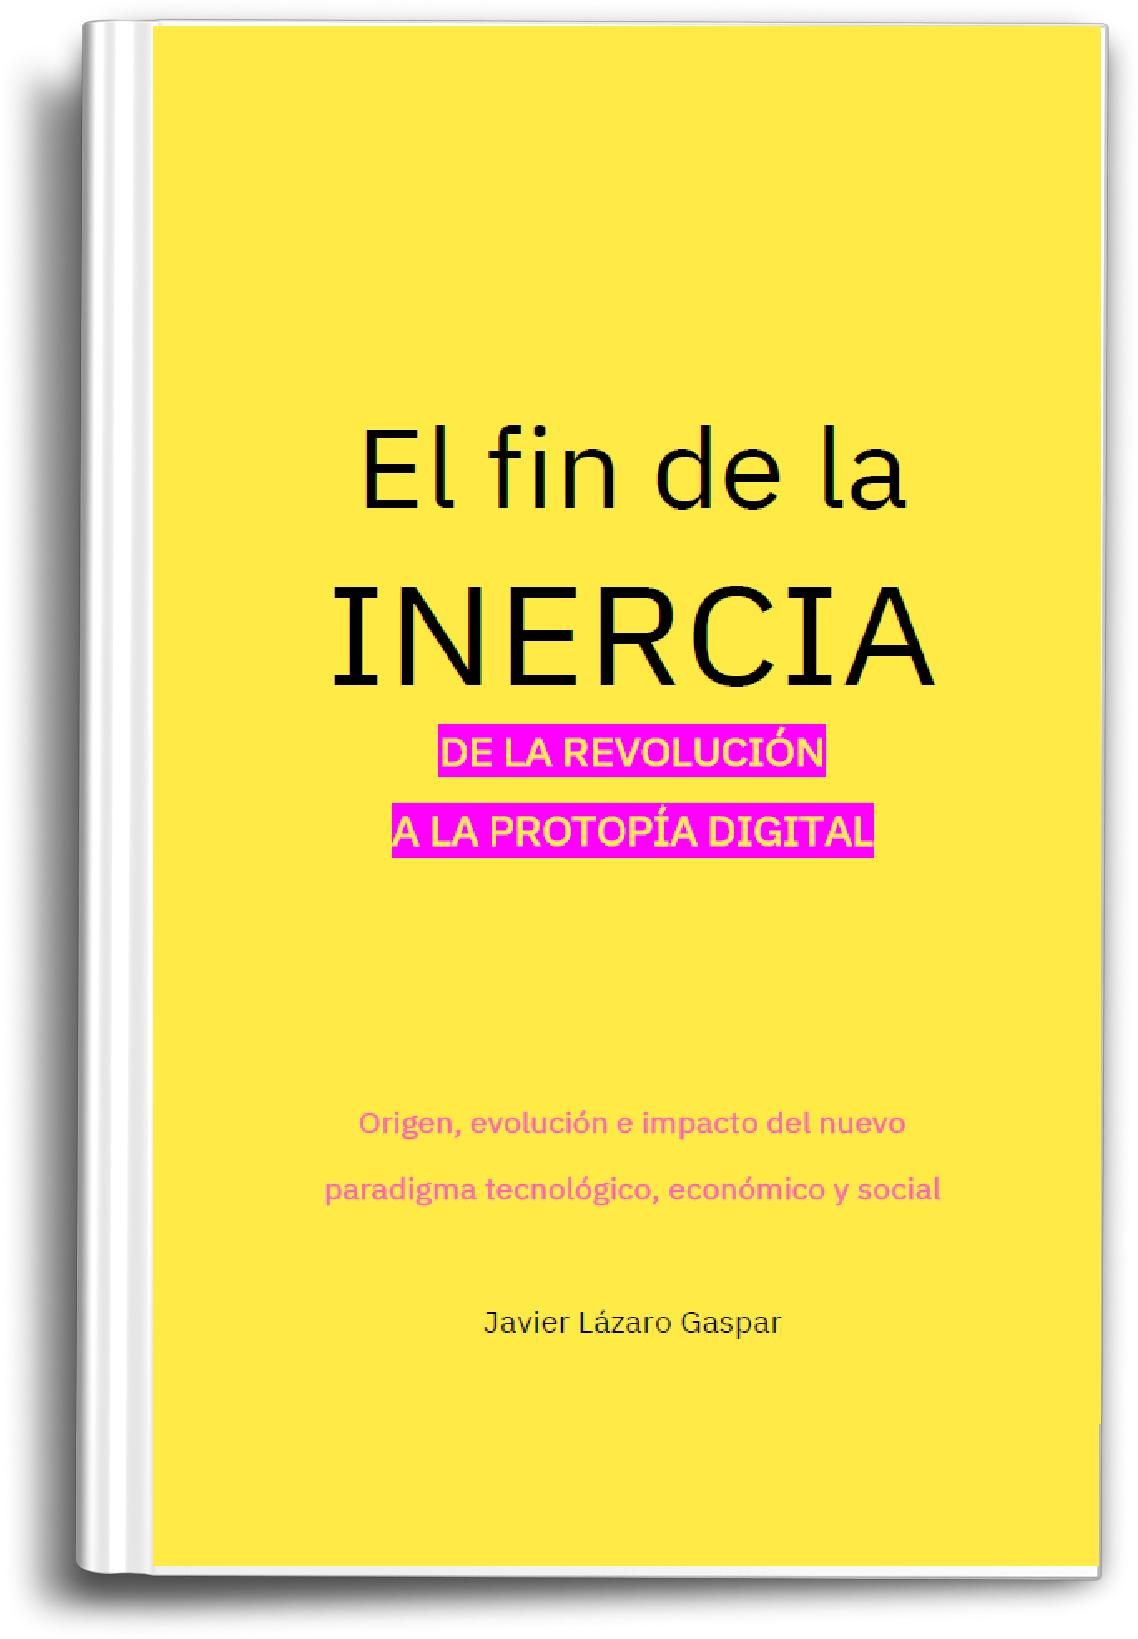 El fin de la INERCIA: ensayo sobre tecnología y sociedad